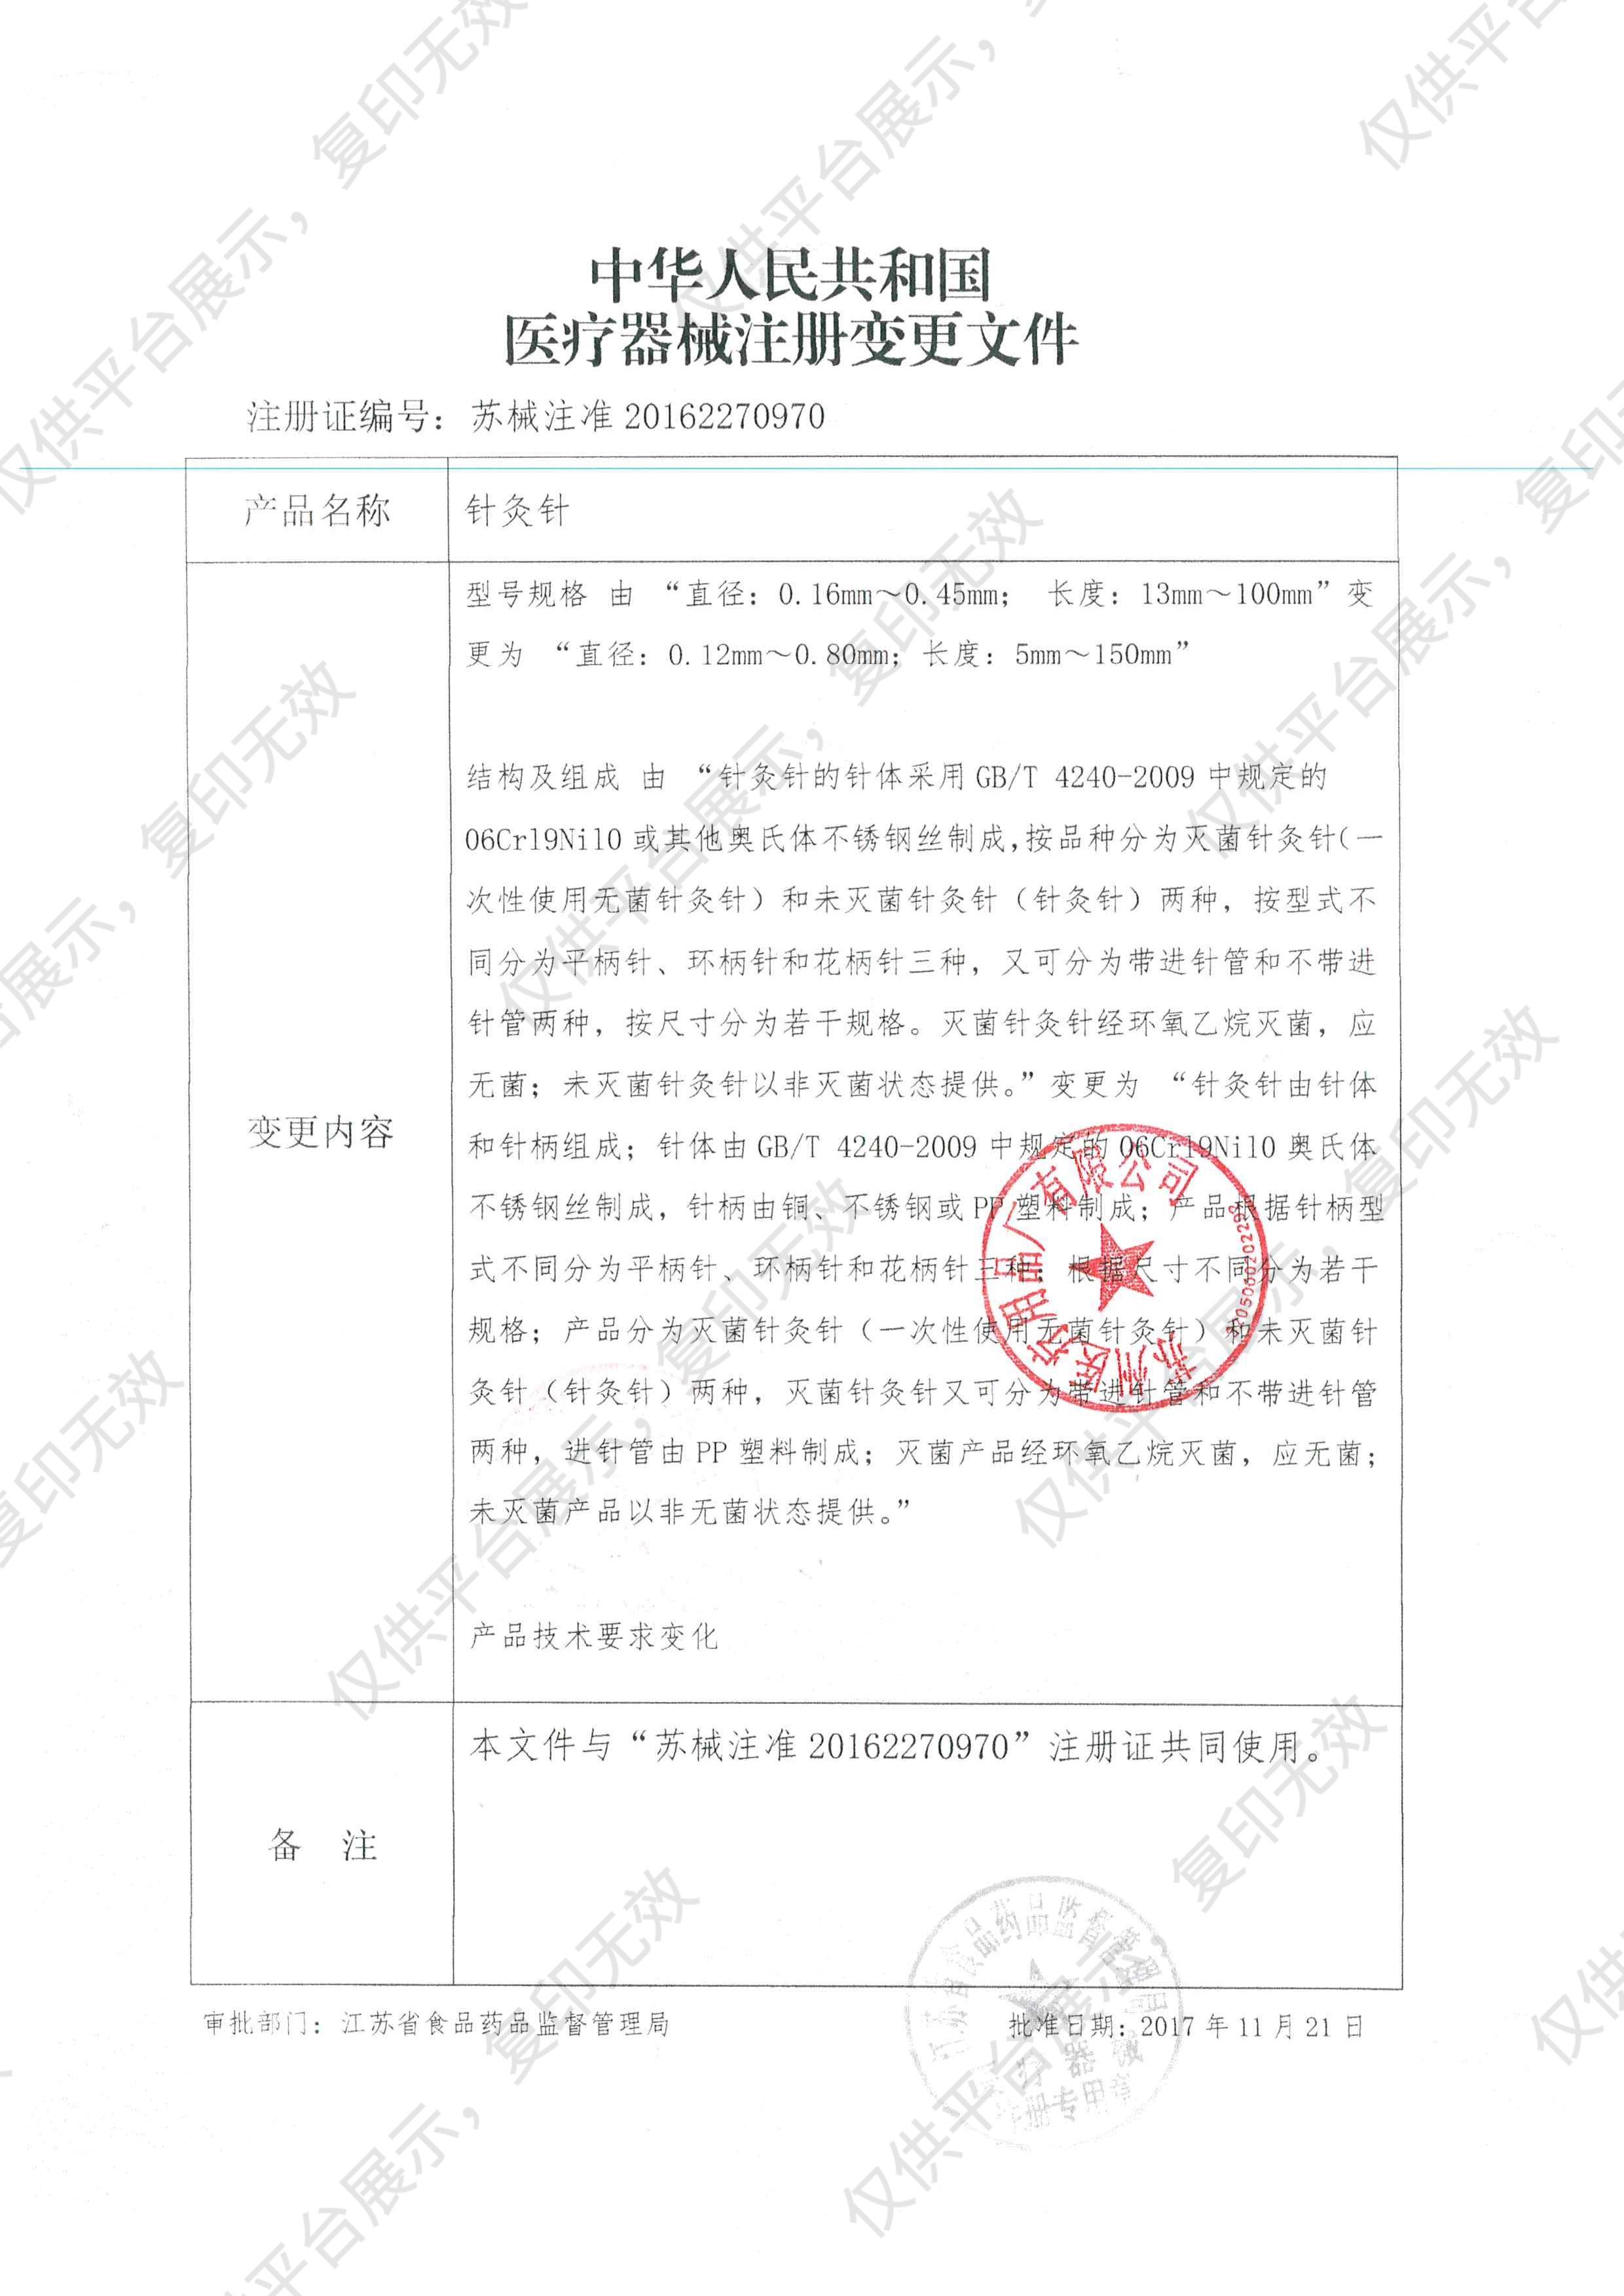 华佗Hwato 一次性无菌针灸针承臻(铝箔片单独包装)100支/盒 100盒/箱注册证